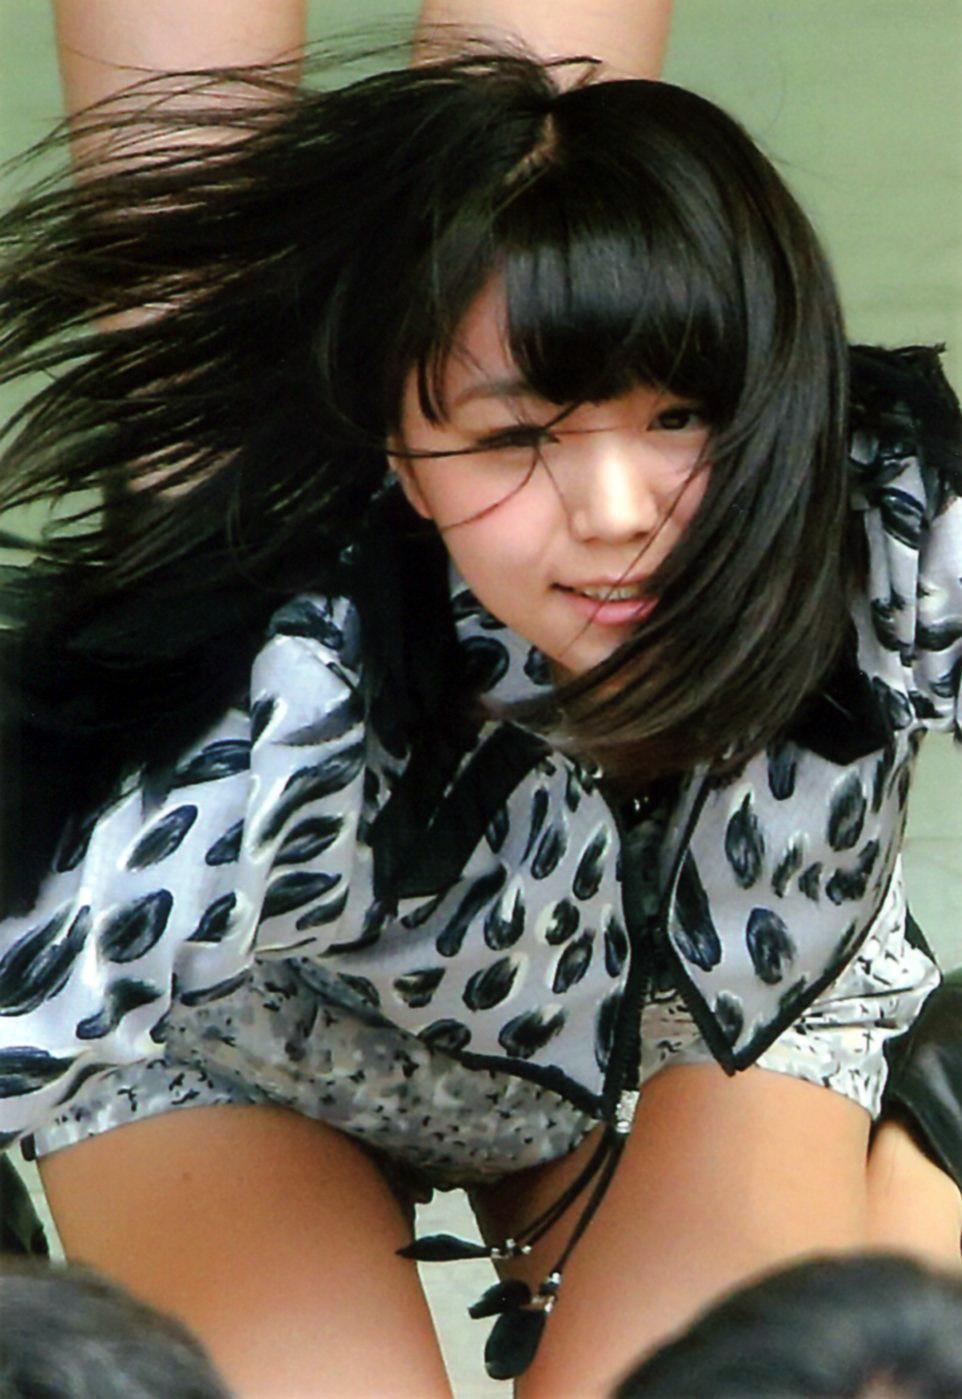 【アンジュルム】むろたんこと室田瑞希ちゃんを応援してみよう【ハッピー】 Part.93YouTube動画>20本 ->画像>834枚